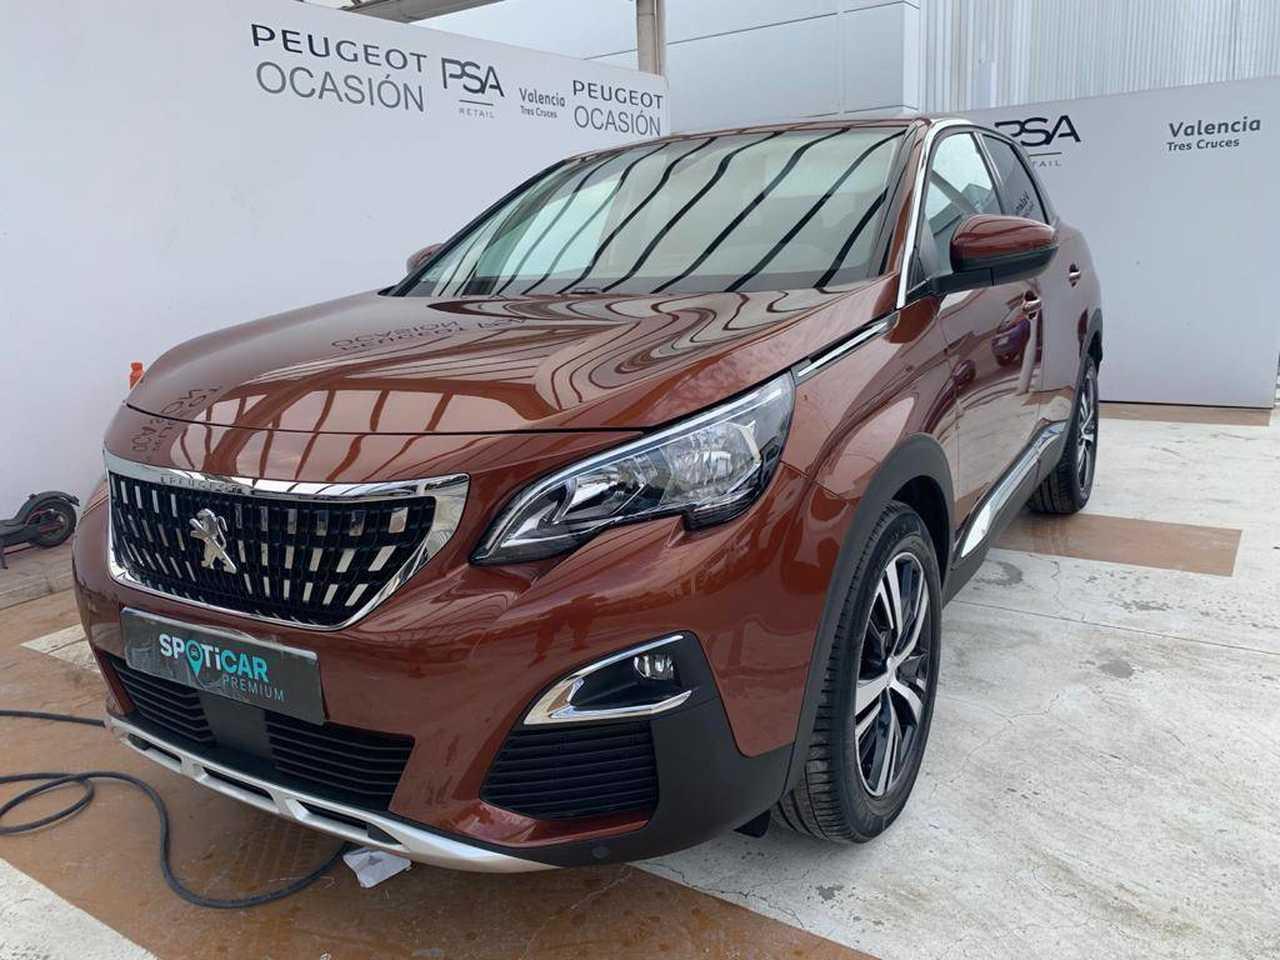 Peugeot 3008 Diésel en Valencia